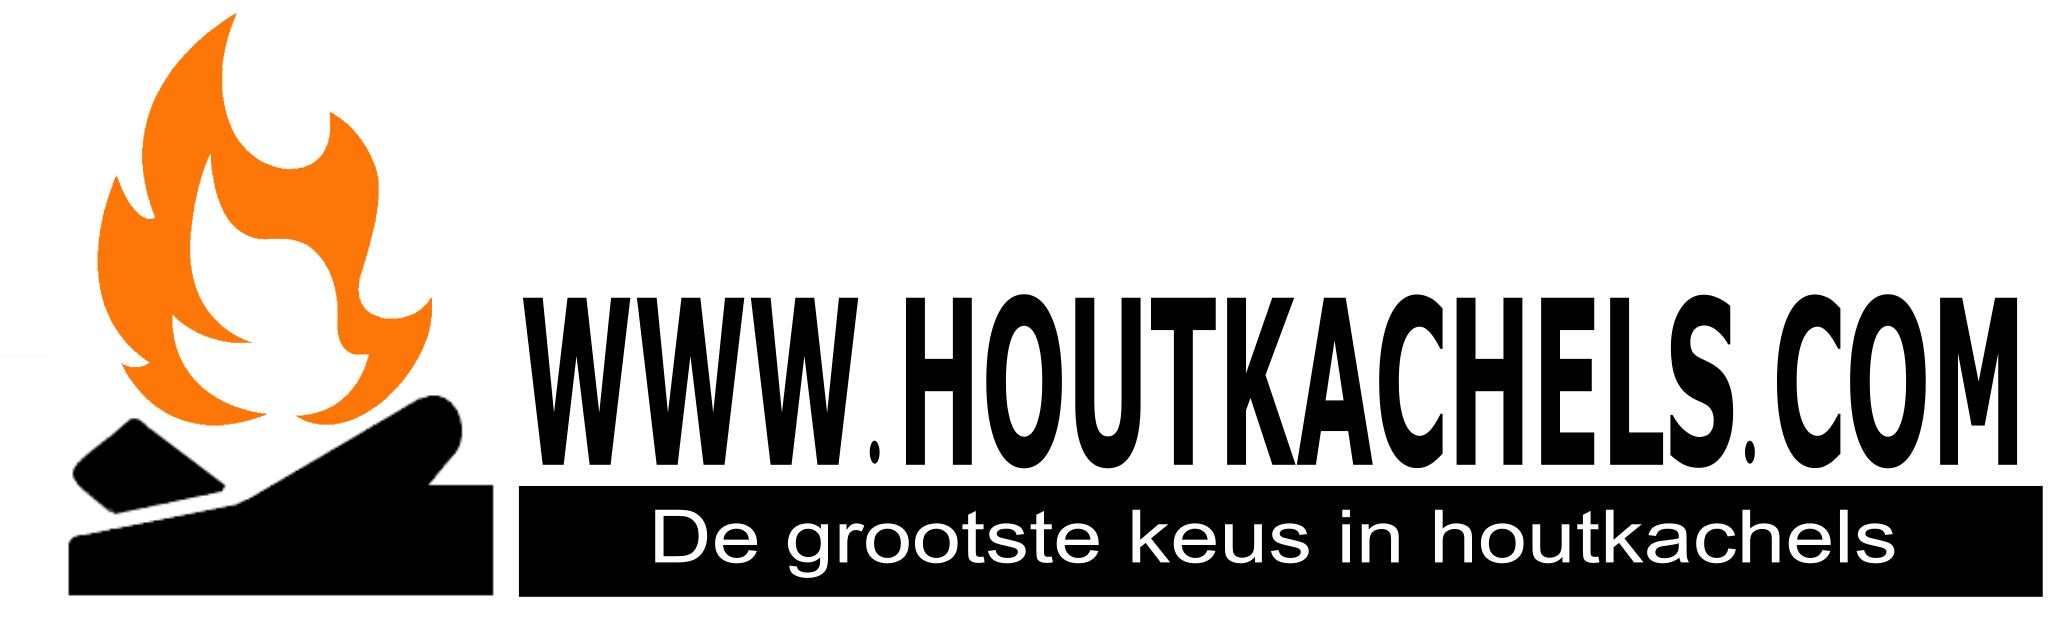 houtkachels.com